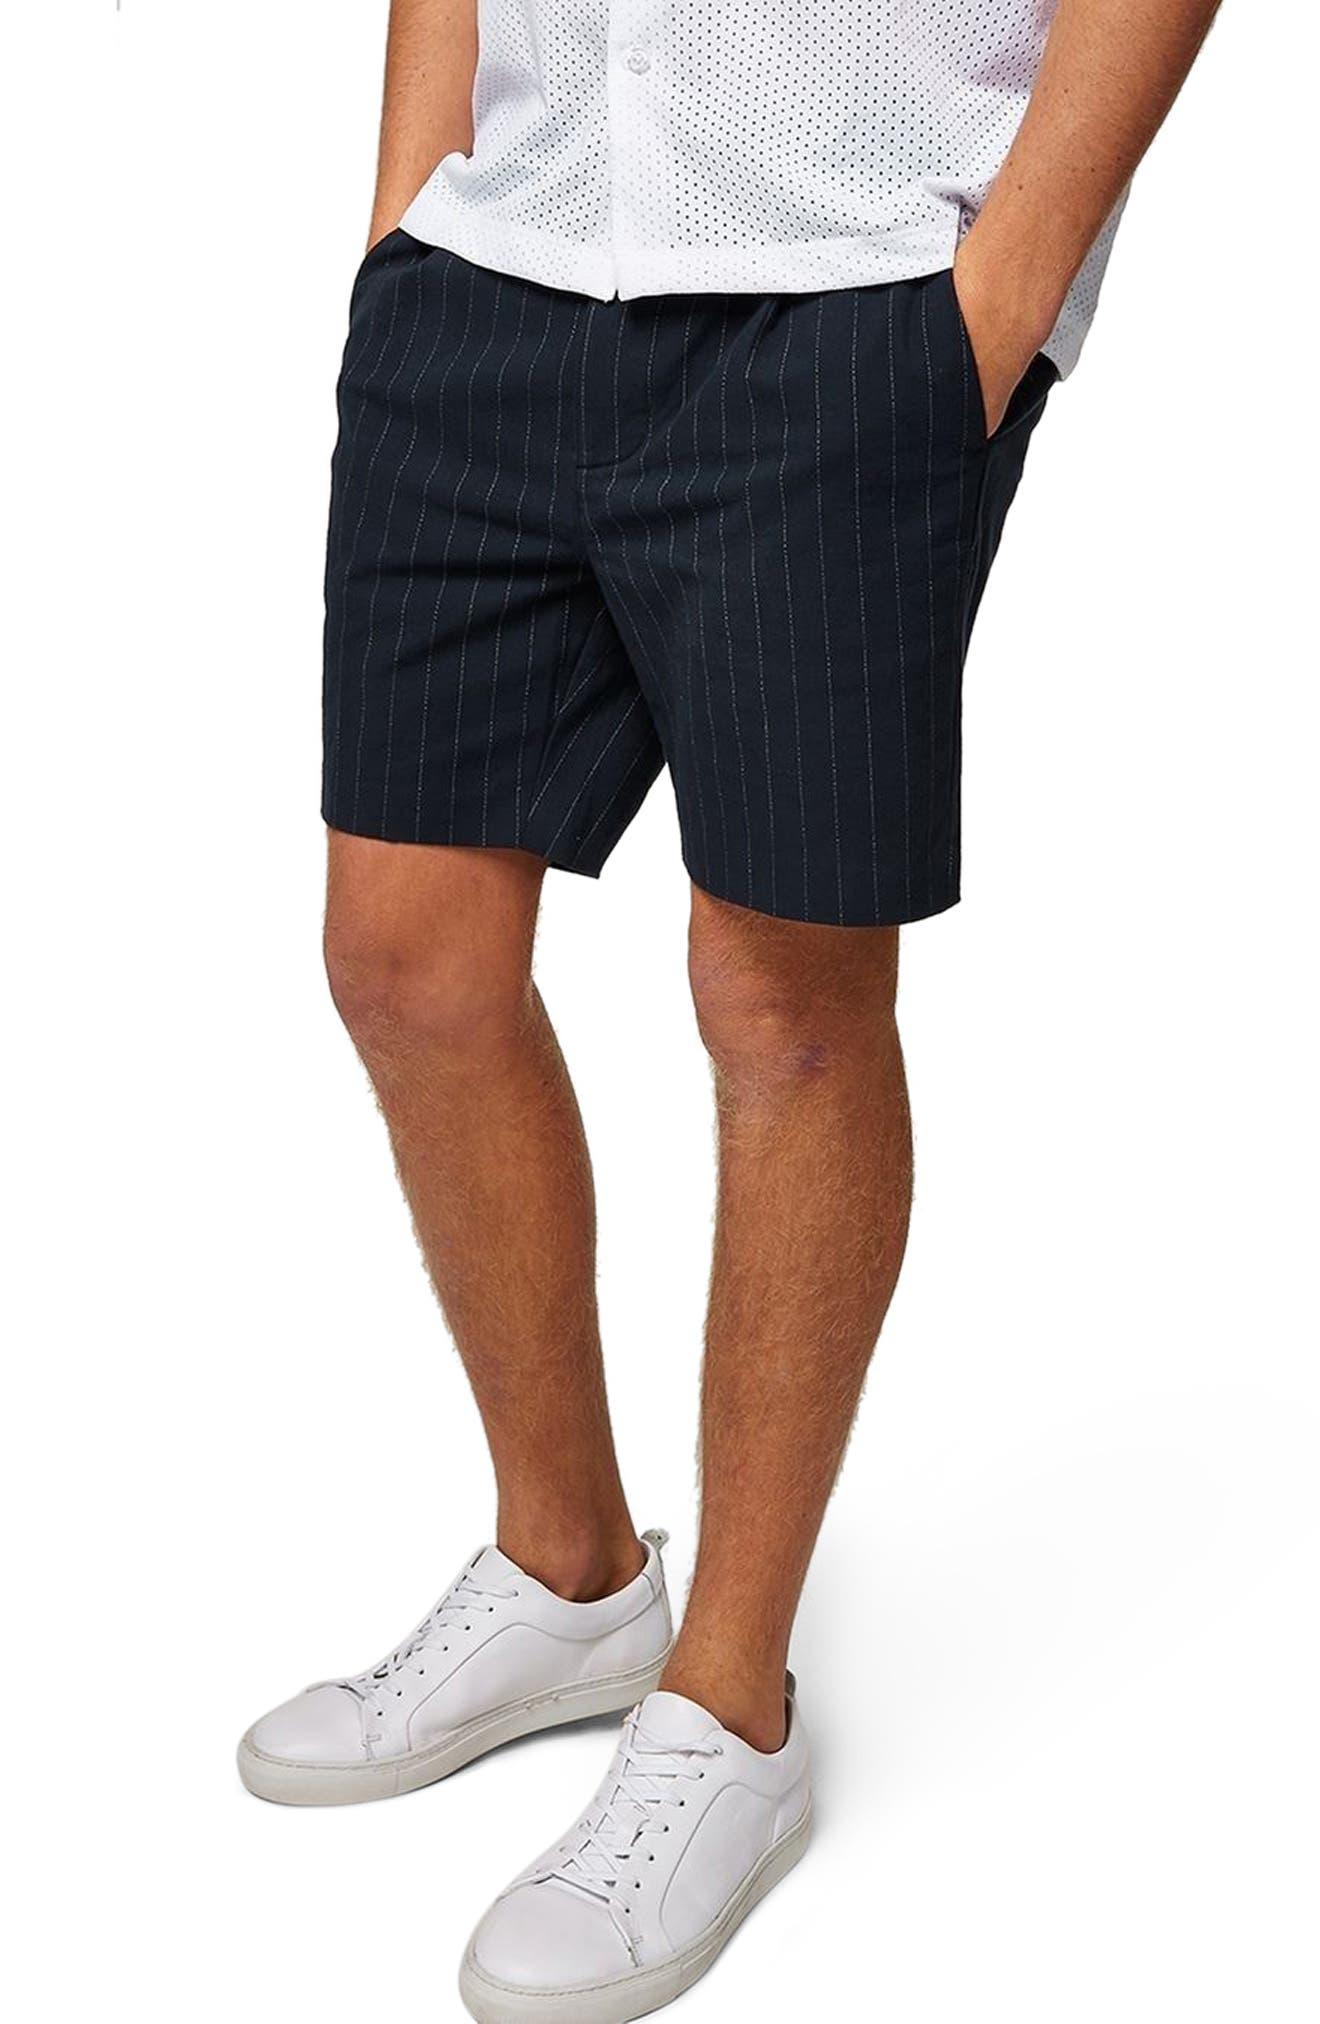 Pinstripe Shorts,                             Main thumbnail 1, color,                             NAVY BLUE